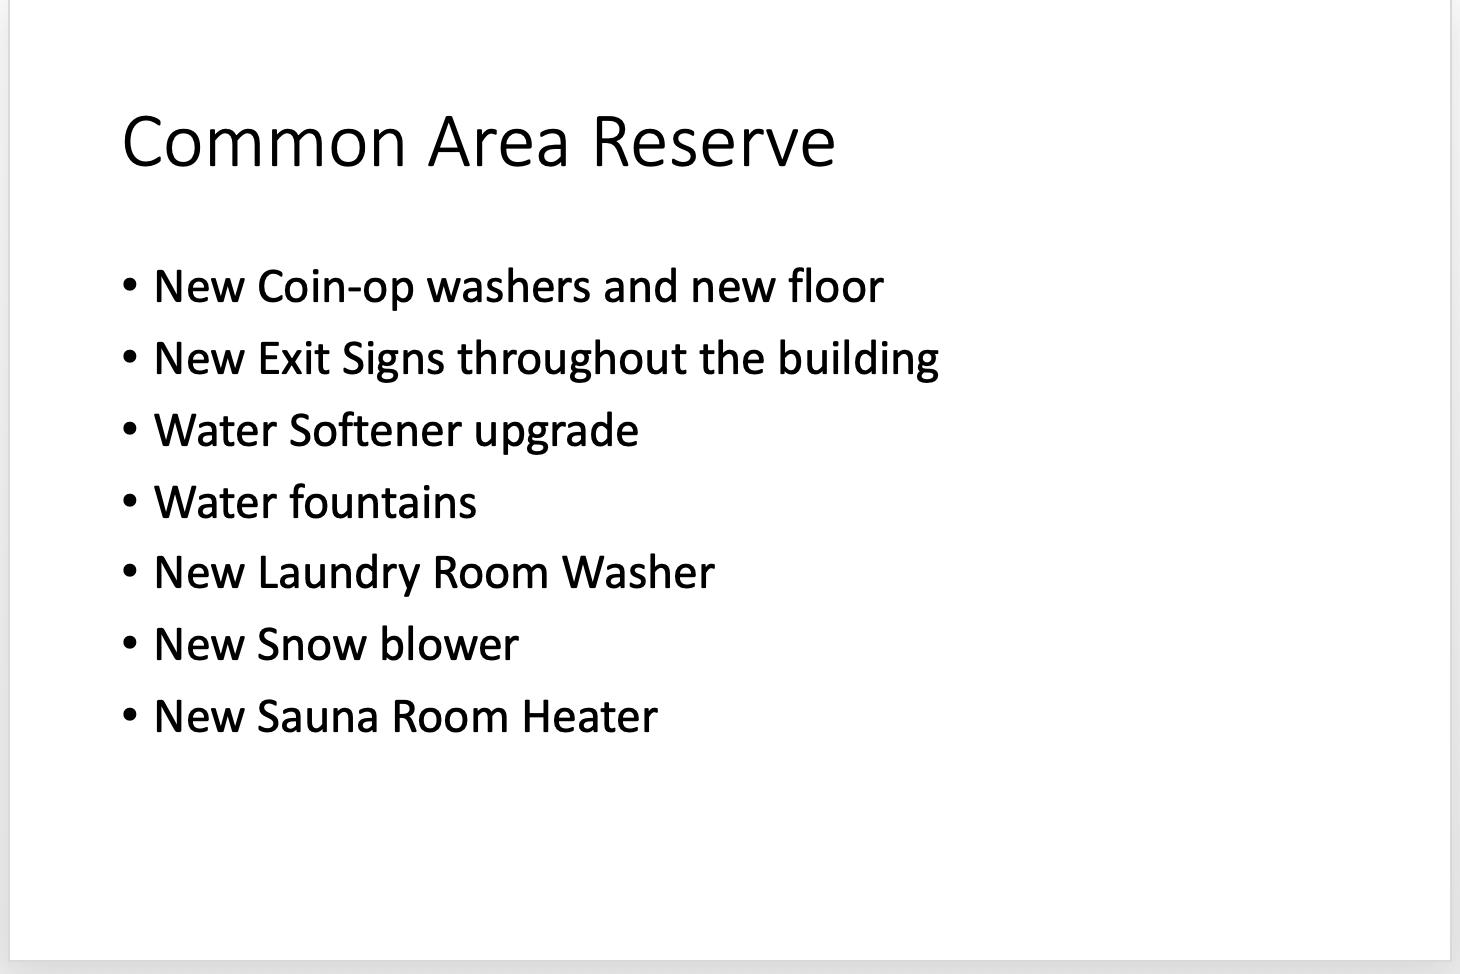 Common Area Reserve 10